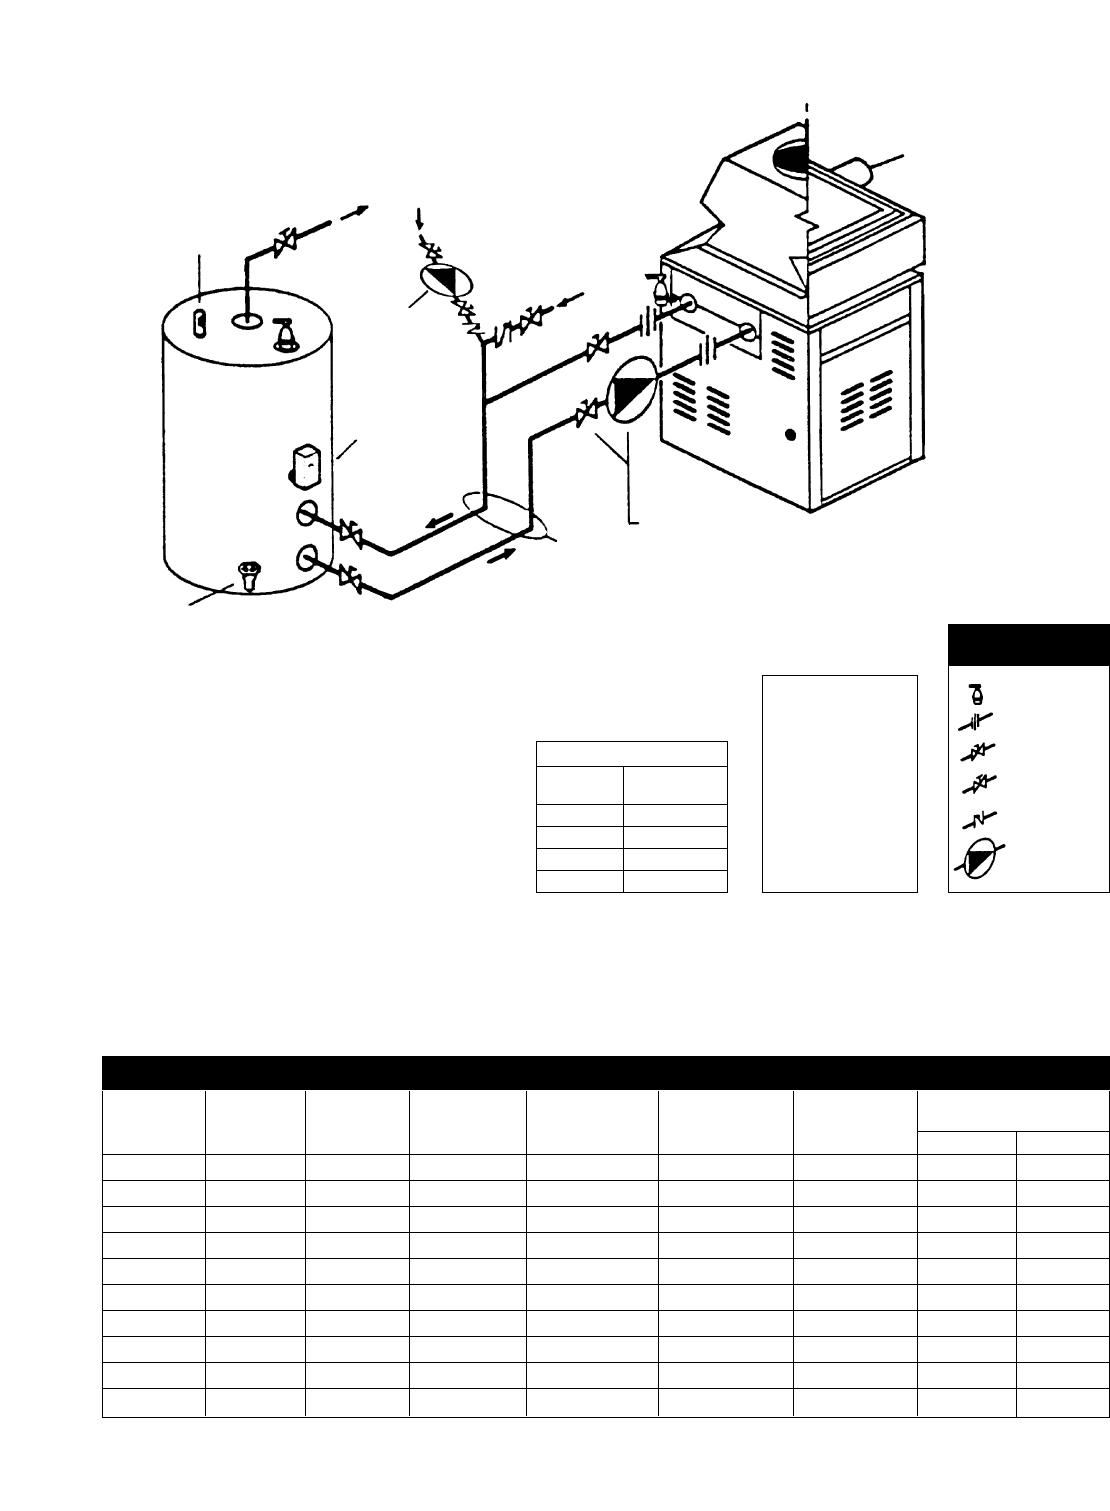 Water Heater Pipe Diagram Manual Guide